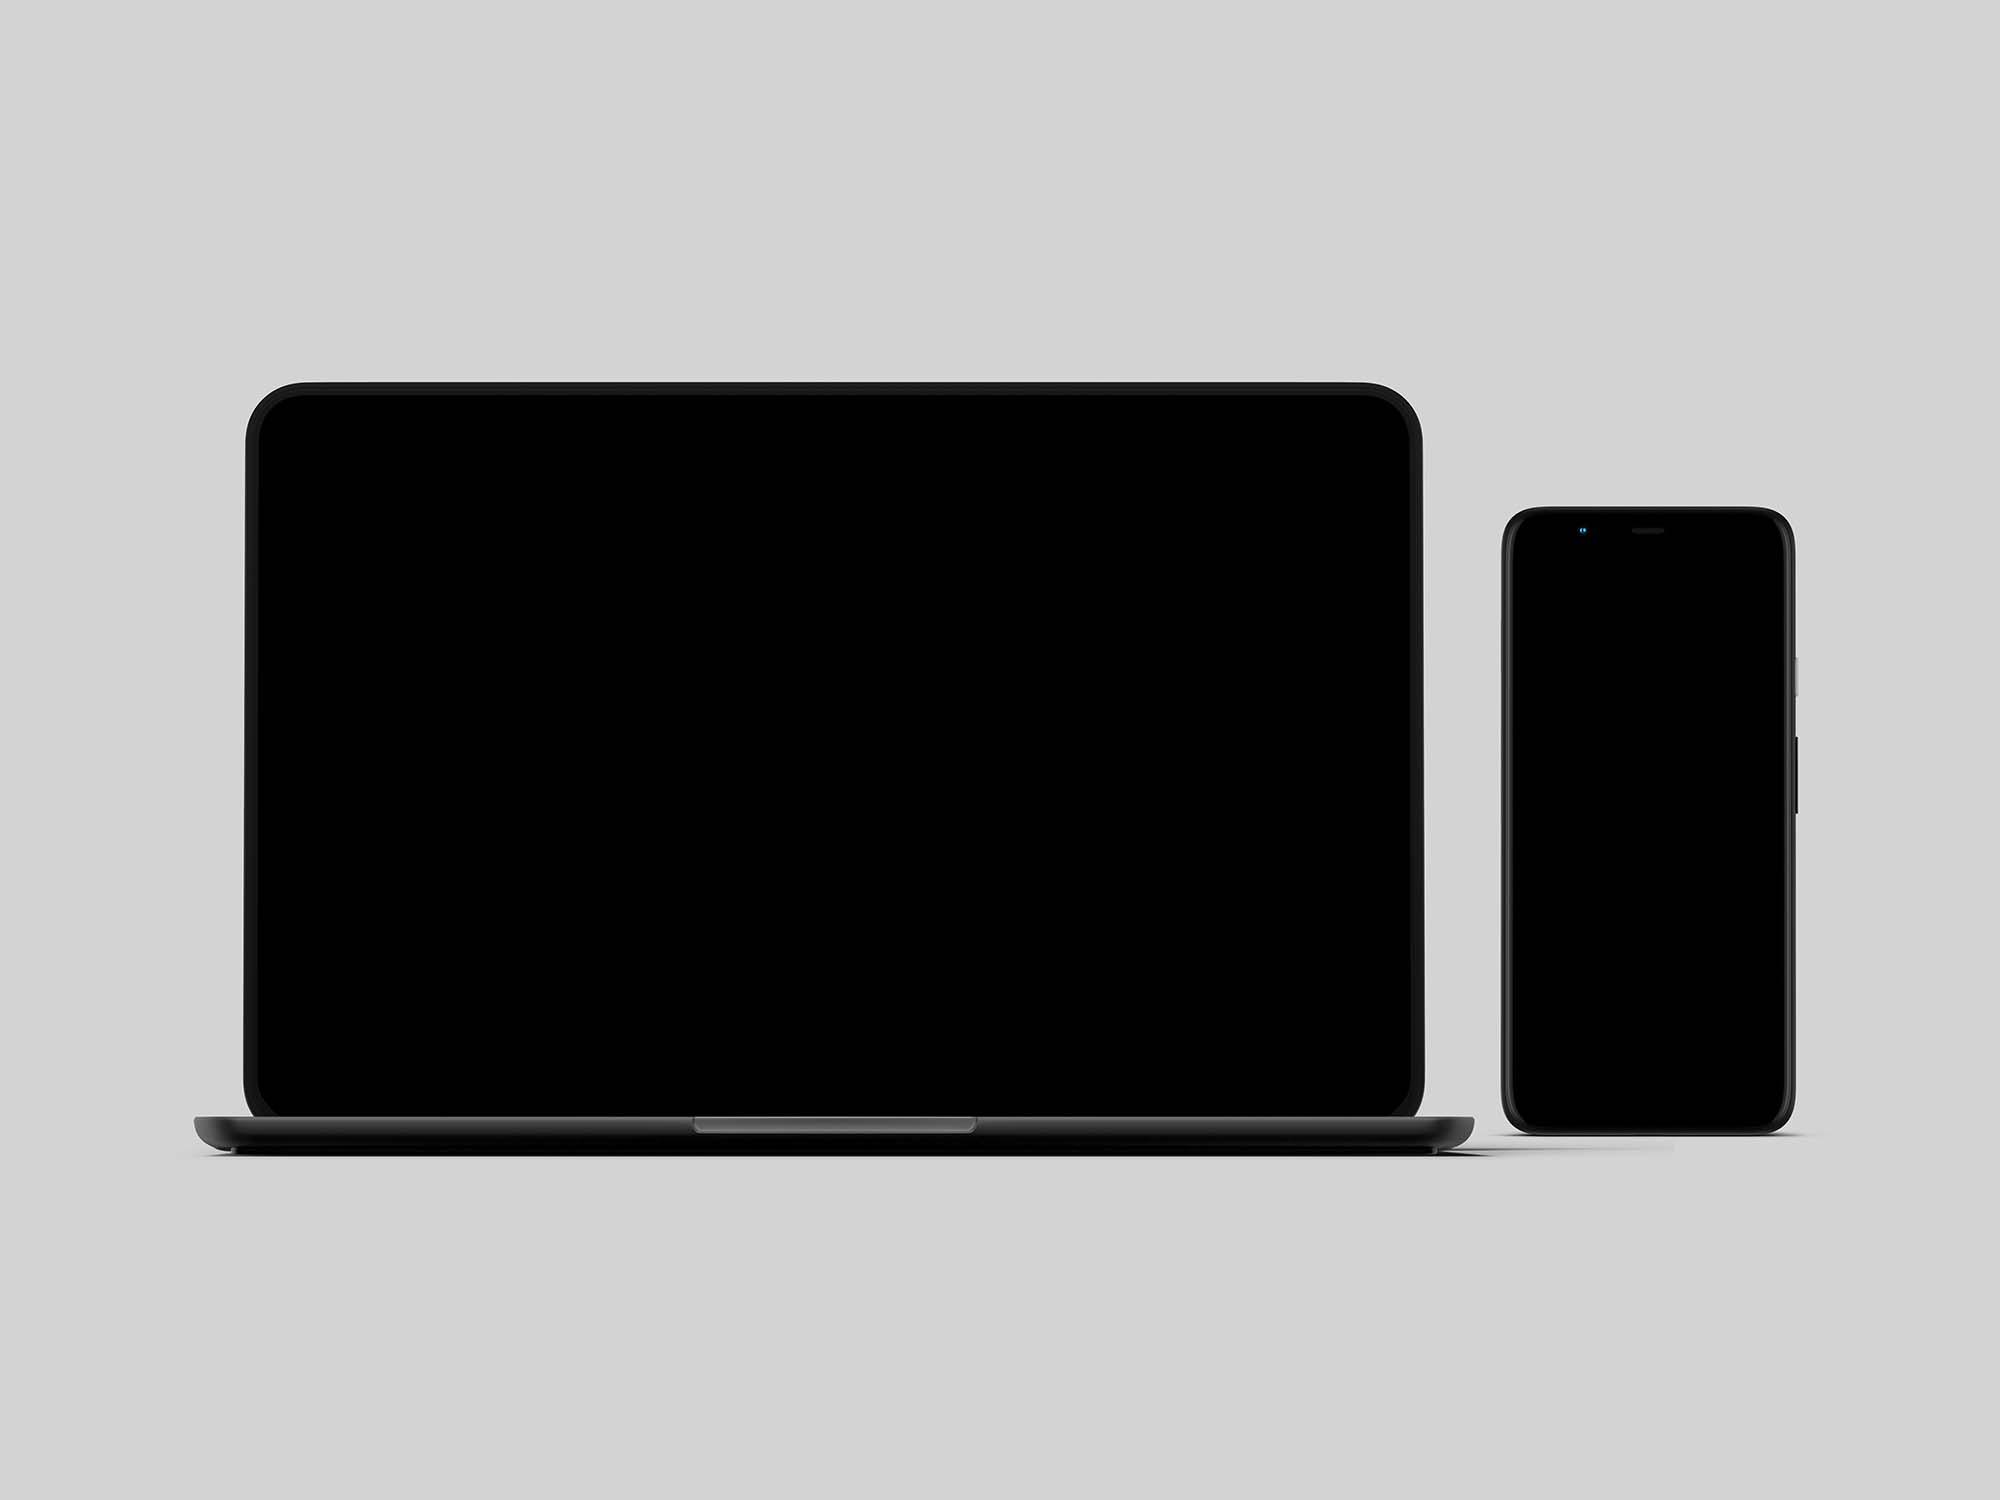 Pixel 4 and PixelBook Go Mockup 2